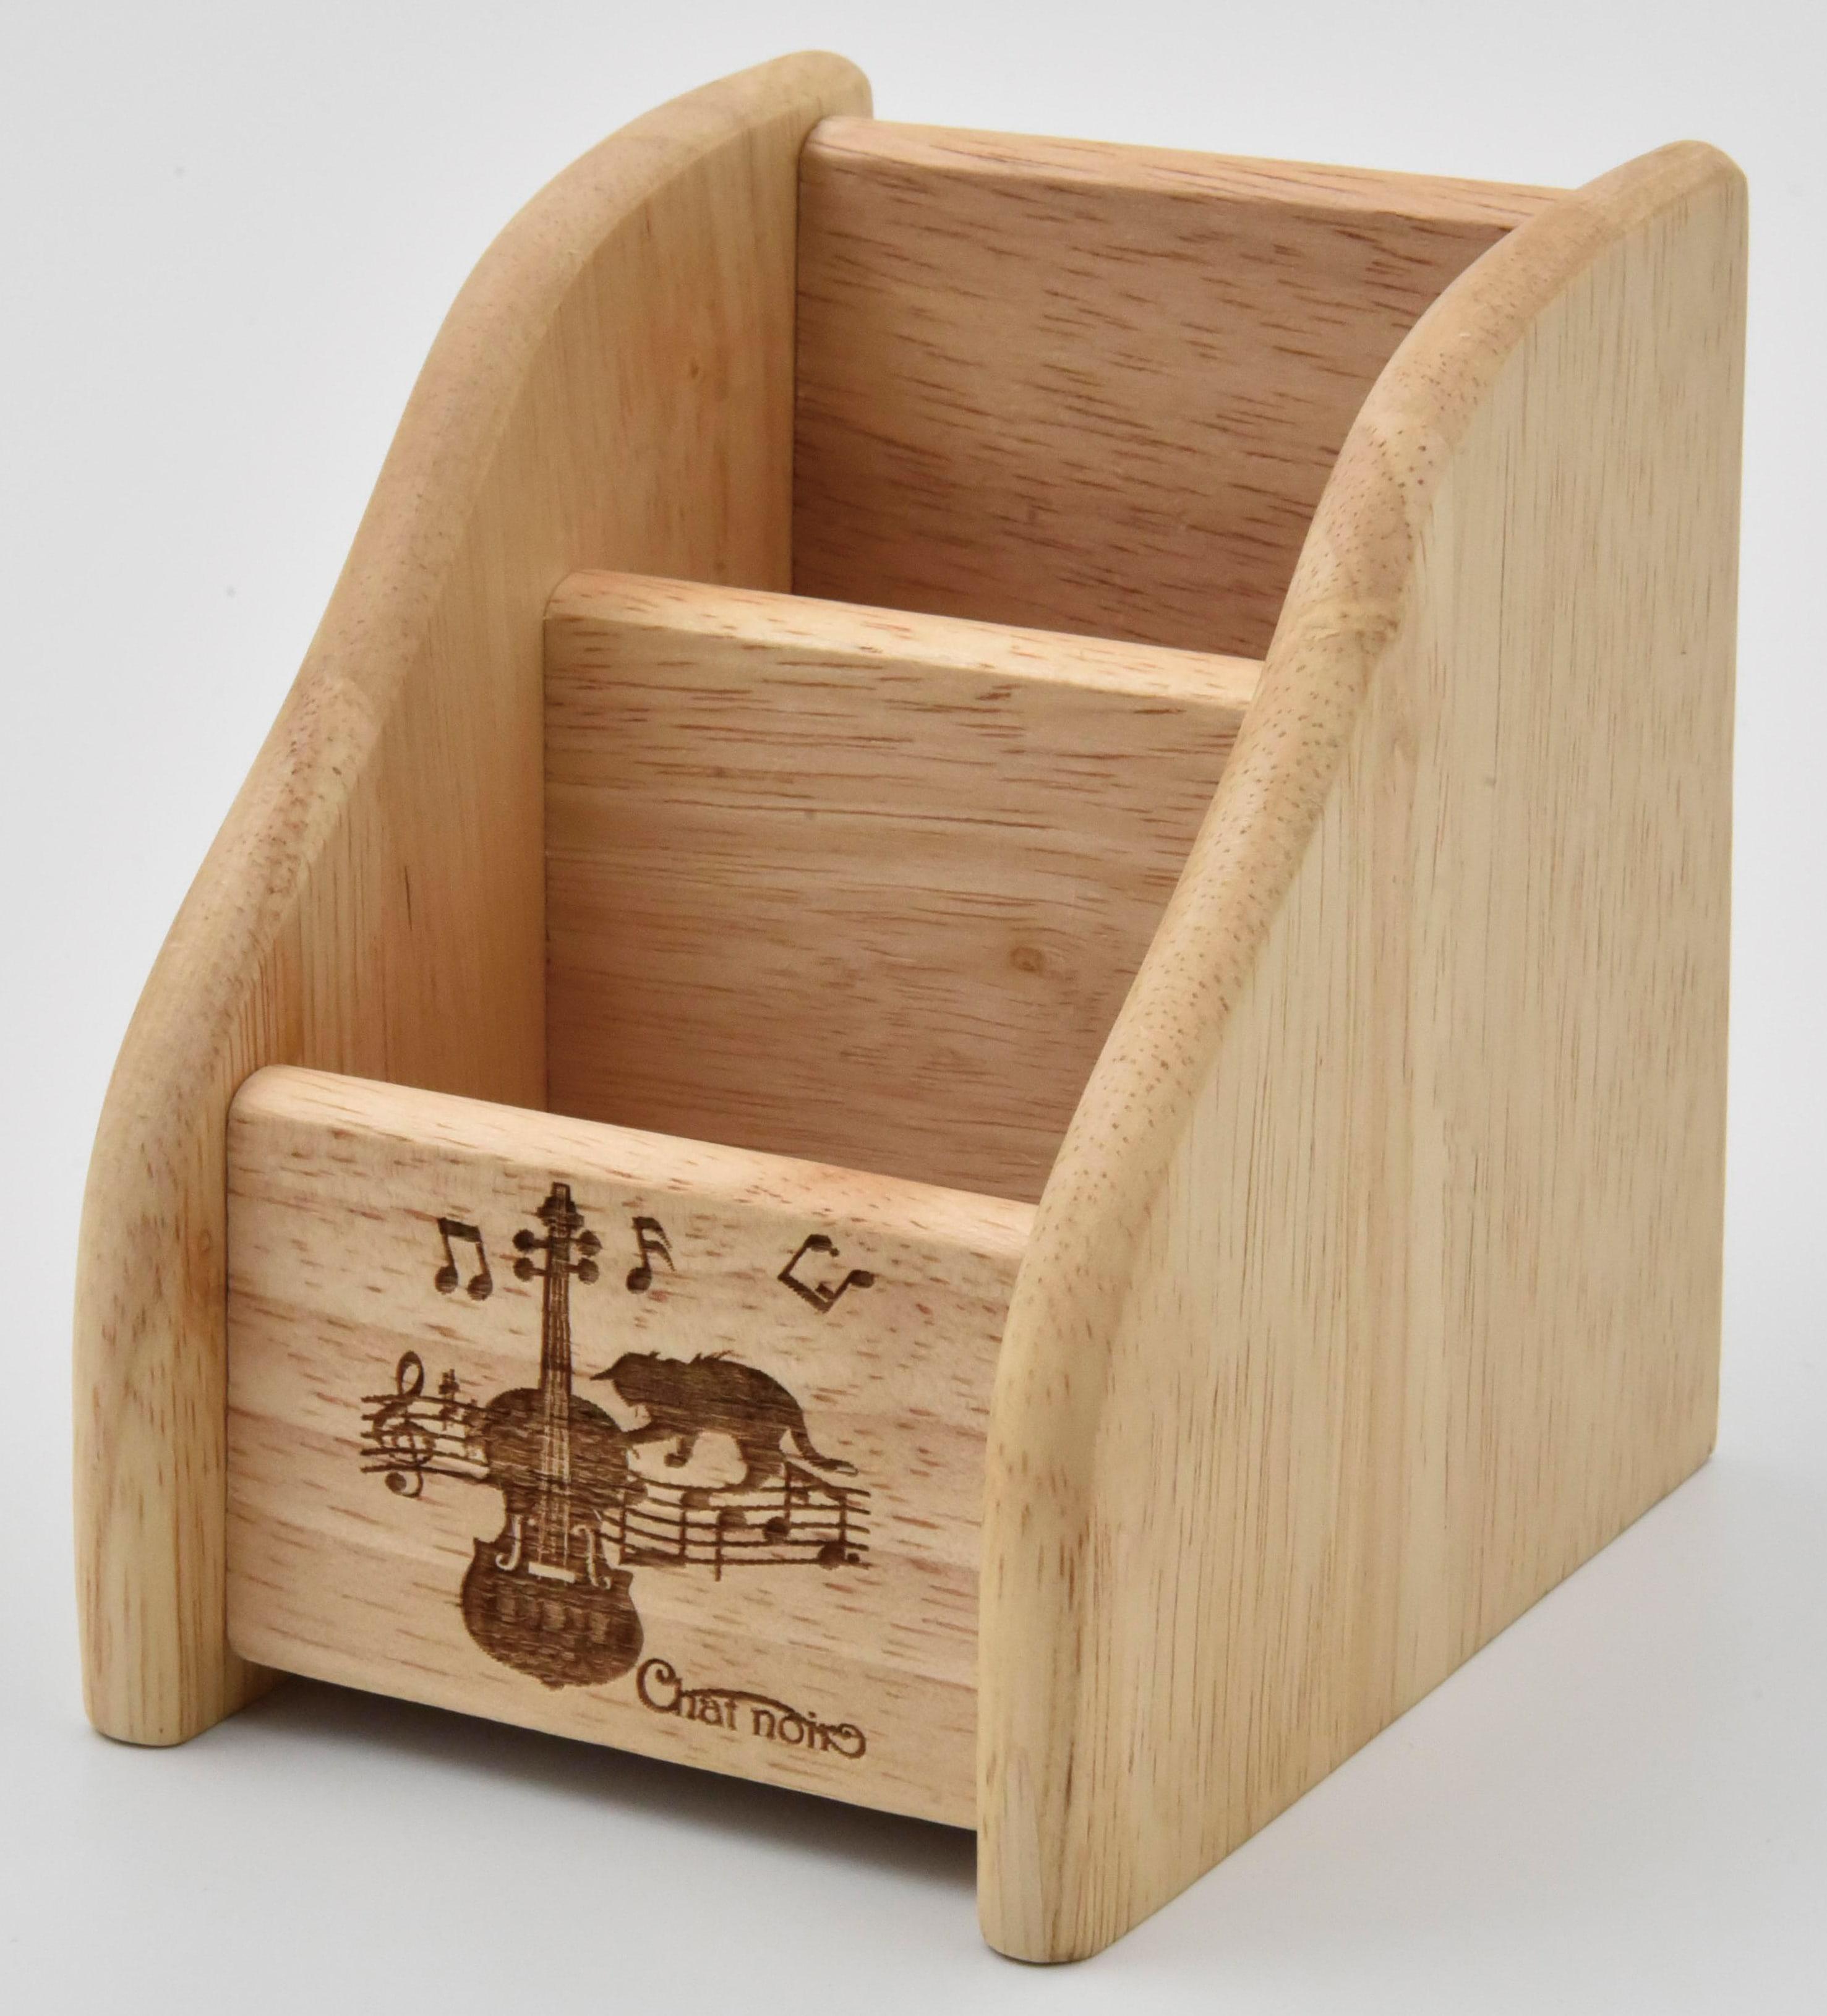 ペンスタンド ※お取り寄せ商品 引き出物 記念品 音楽雑貨 音符 ピアノモチーフ ト音記号 ピアノ雑貨